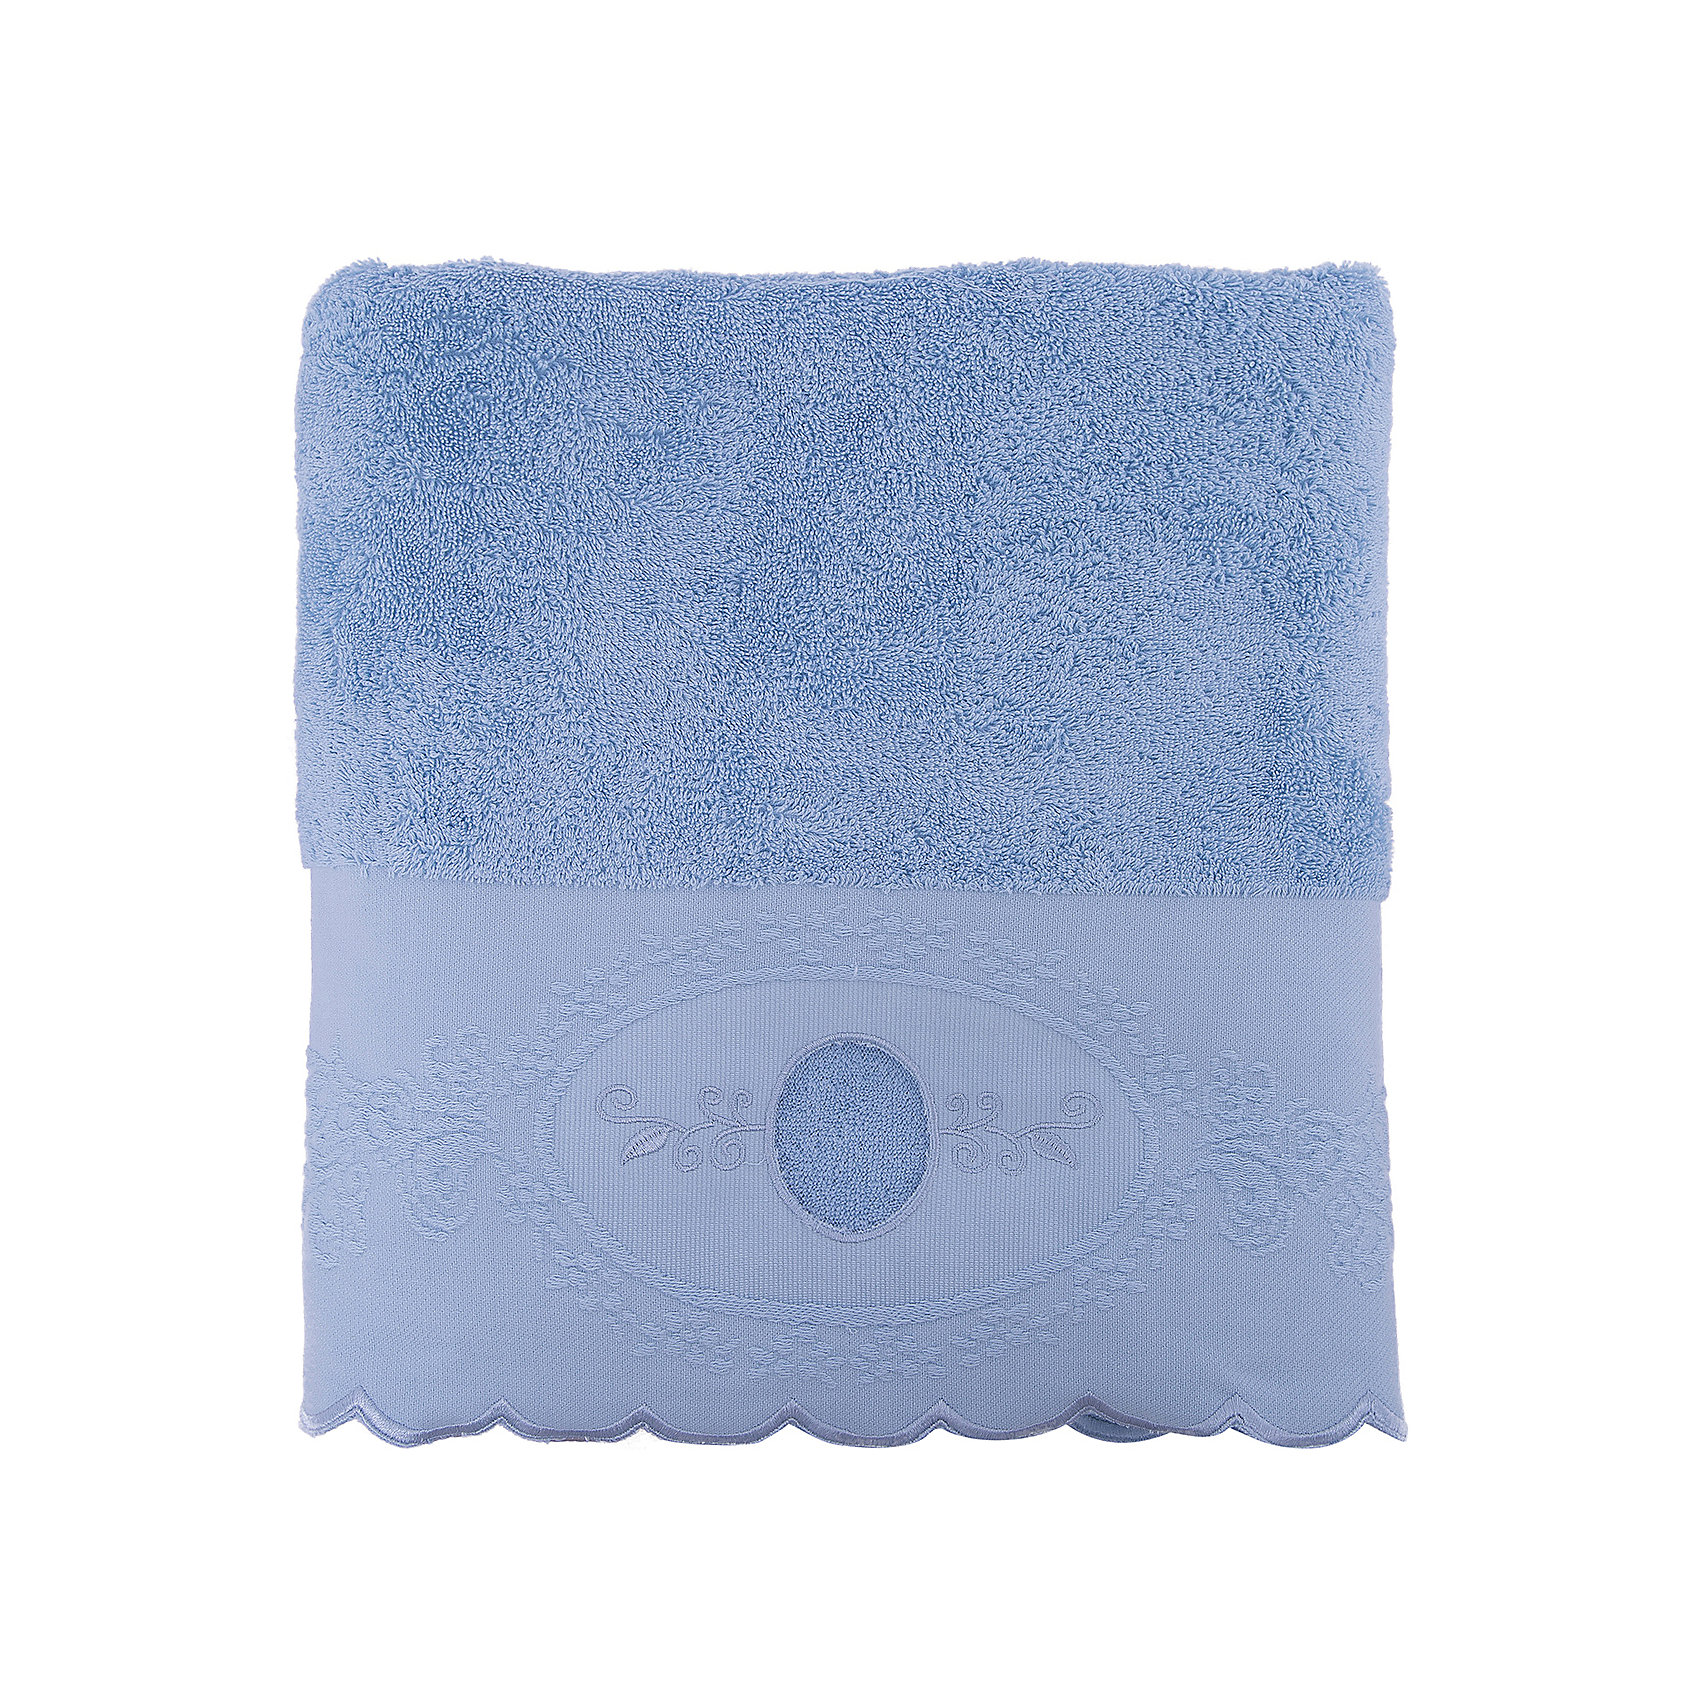 Полотенце махровое 70*140 Жаклин, Cozy Home, голубойВанная комната<br>Полотенце махровое 70*140 Жаклин, Cozy Home (Кози Хоум), голубой<br><br>Характеристики:<br><br>• хорошо впитывает влагу<br>• изысканный дизайн<br>• материал: хлопок<br>• размер: 70х140 см<br>• цвет: голубой<br><br>Махровое полотенце Жаклин от cozy home - для самых взыскательных ценителей красивого и качественного текстиля. Полотенце хорошо впитывает влагу, даря мягкость и уют. Хлопковые волокна не вызывают раздражения даже на чувствительной коже и обладают антимикробными свойствами. Каждая хозяйка будет рада простому уходу за полотенцем. Оно хорошо отстирывается при температуре 40°С, практически не мнется. Благодаря роскошному дизайну, полотенце можно преподнести в подарок. Волнистые края полотенца декорированы прекрасным узором в итальянском стиле и дополнены вышивкой.<br><br>Полотенце махровое 70*140 Жаклин, Cozy Home (Кози Хоум), голубой вы можете купить в нашем интернет-магазине.<br><br>Ширина мм: 150<br>Глубина мм: 350<br>Высота мм: 150<br>Вес г: 350<br>Возраст от месяцев: 0<br>Возраст до месяцев: 216<br>Пол: Унисекс<br>Возраст: Детский<br>SKU: 5355328